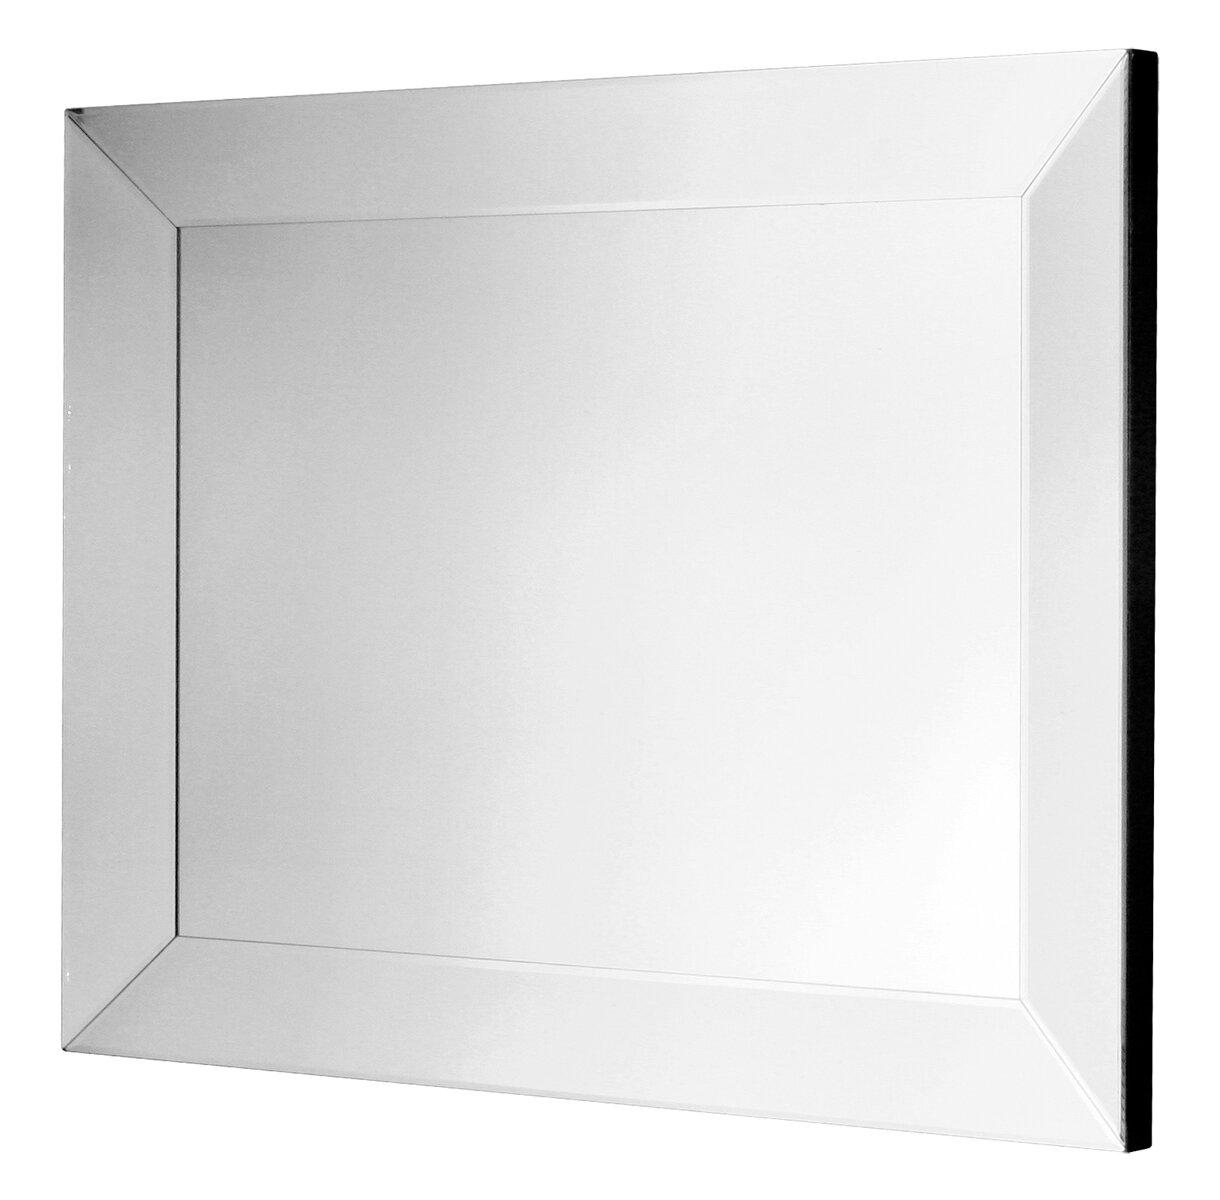 Home Essence Spiegel mit abgeschrägten Kanten | Wayfair.de